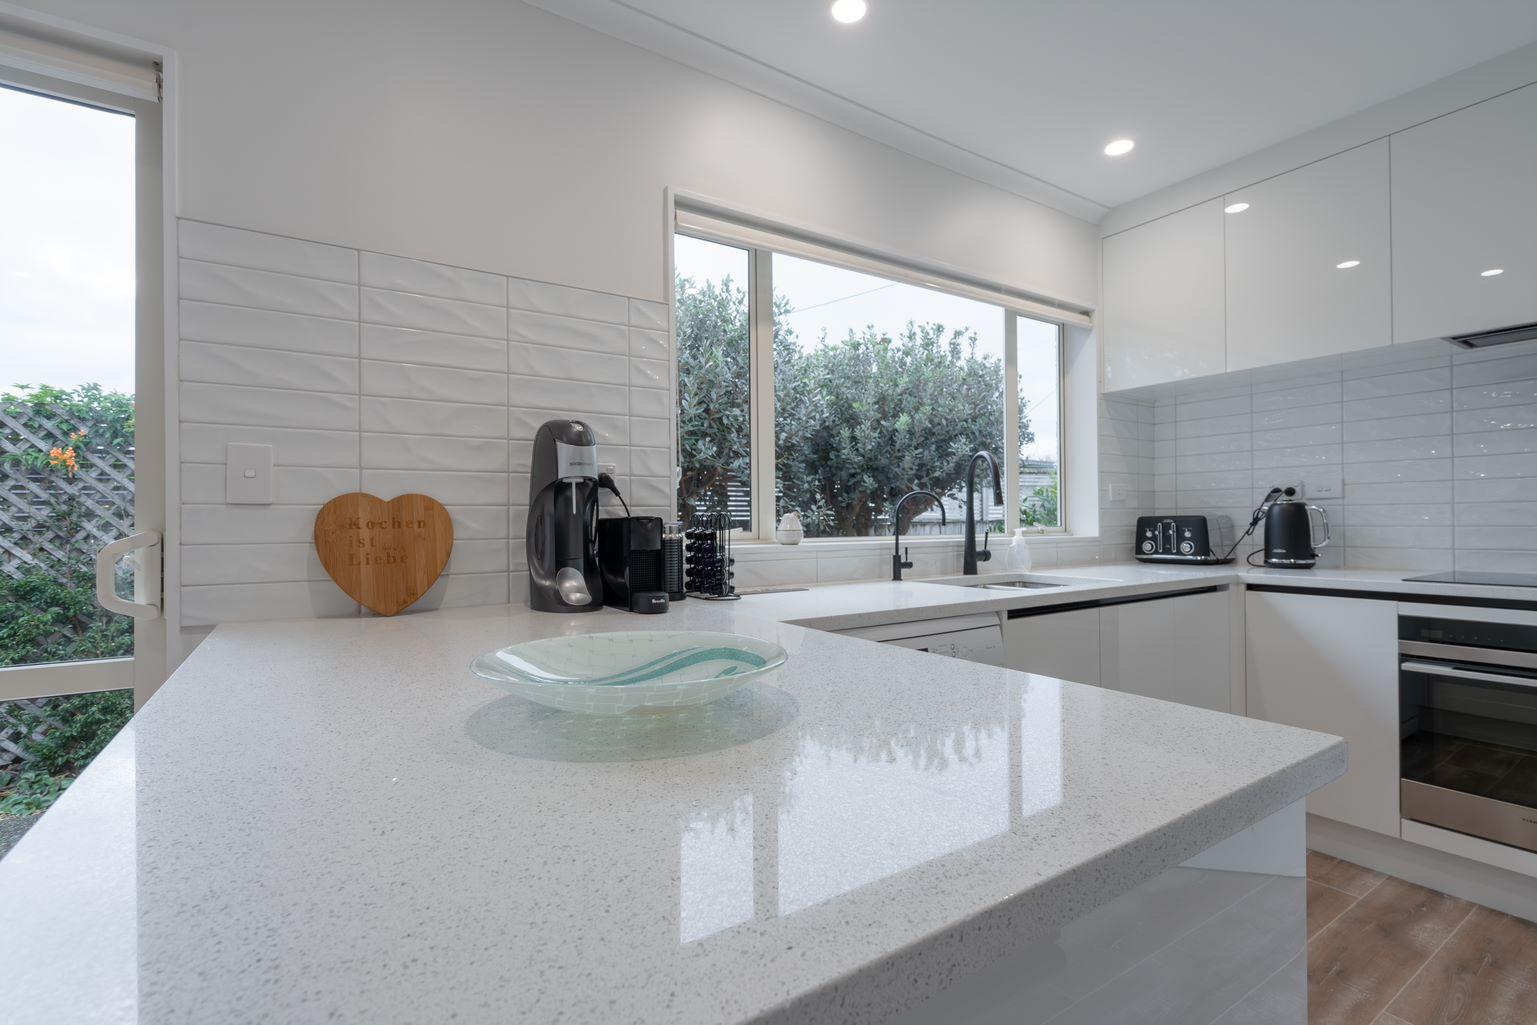 beach house kitchen renovation - detail